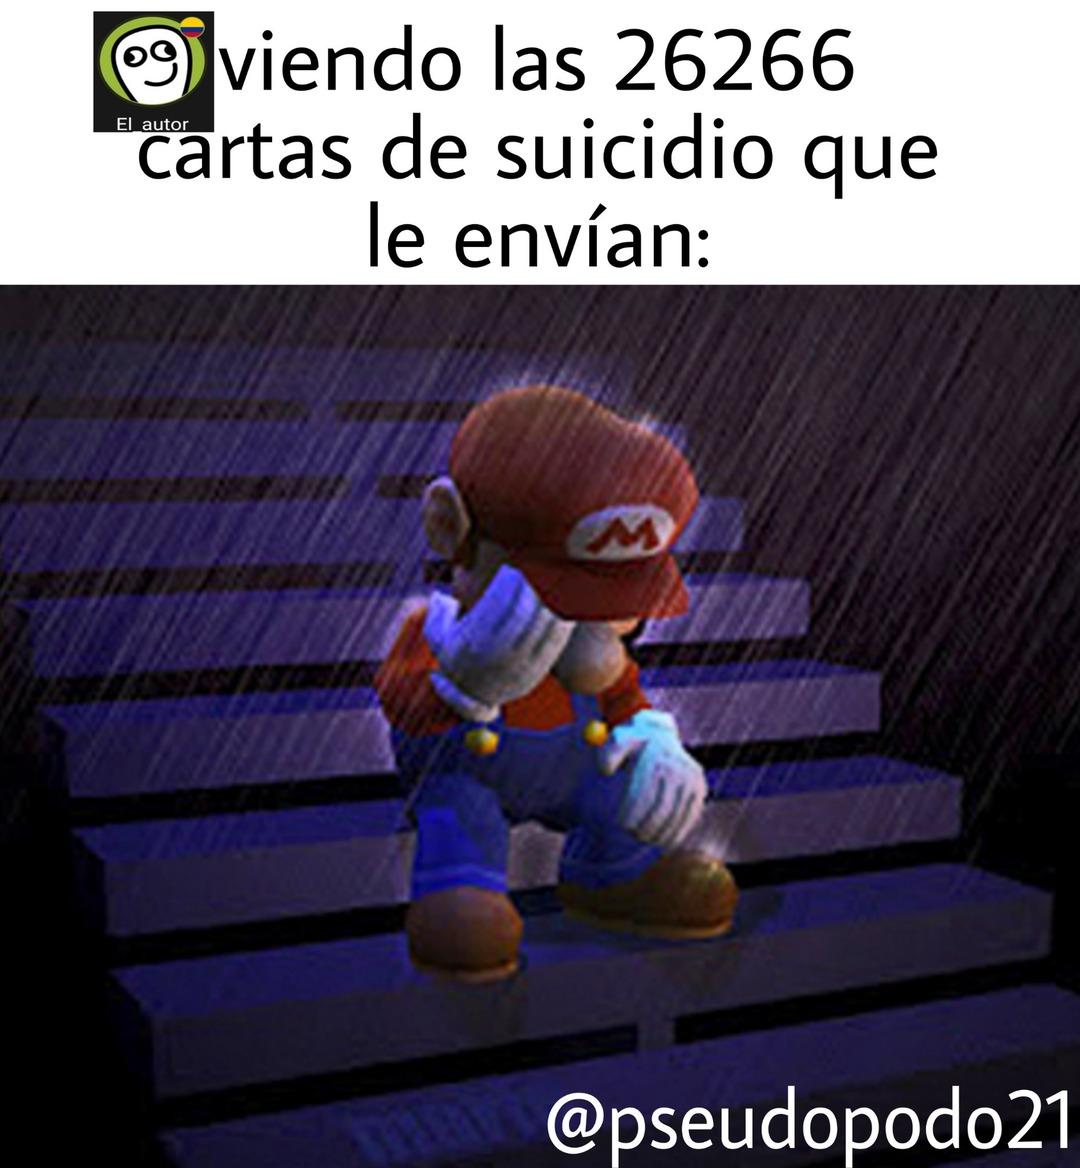 El_autor viendo las 99999999 cartas de suicidio que le envían: - meme